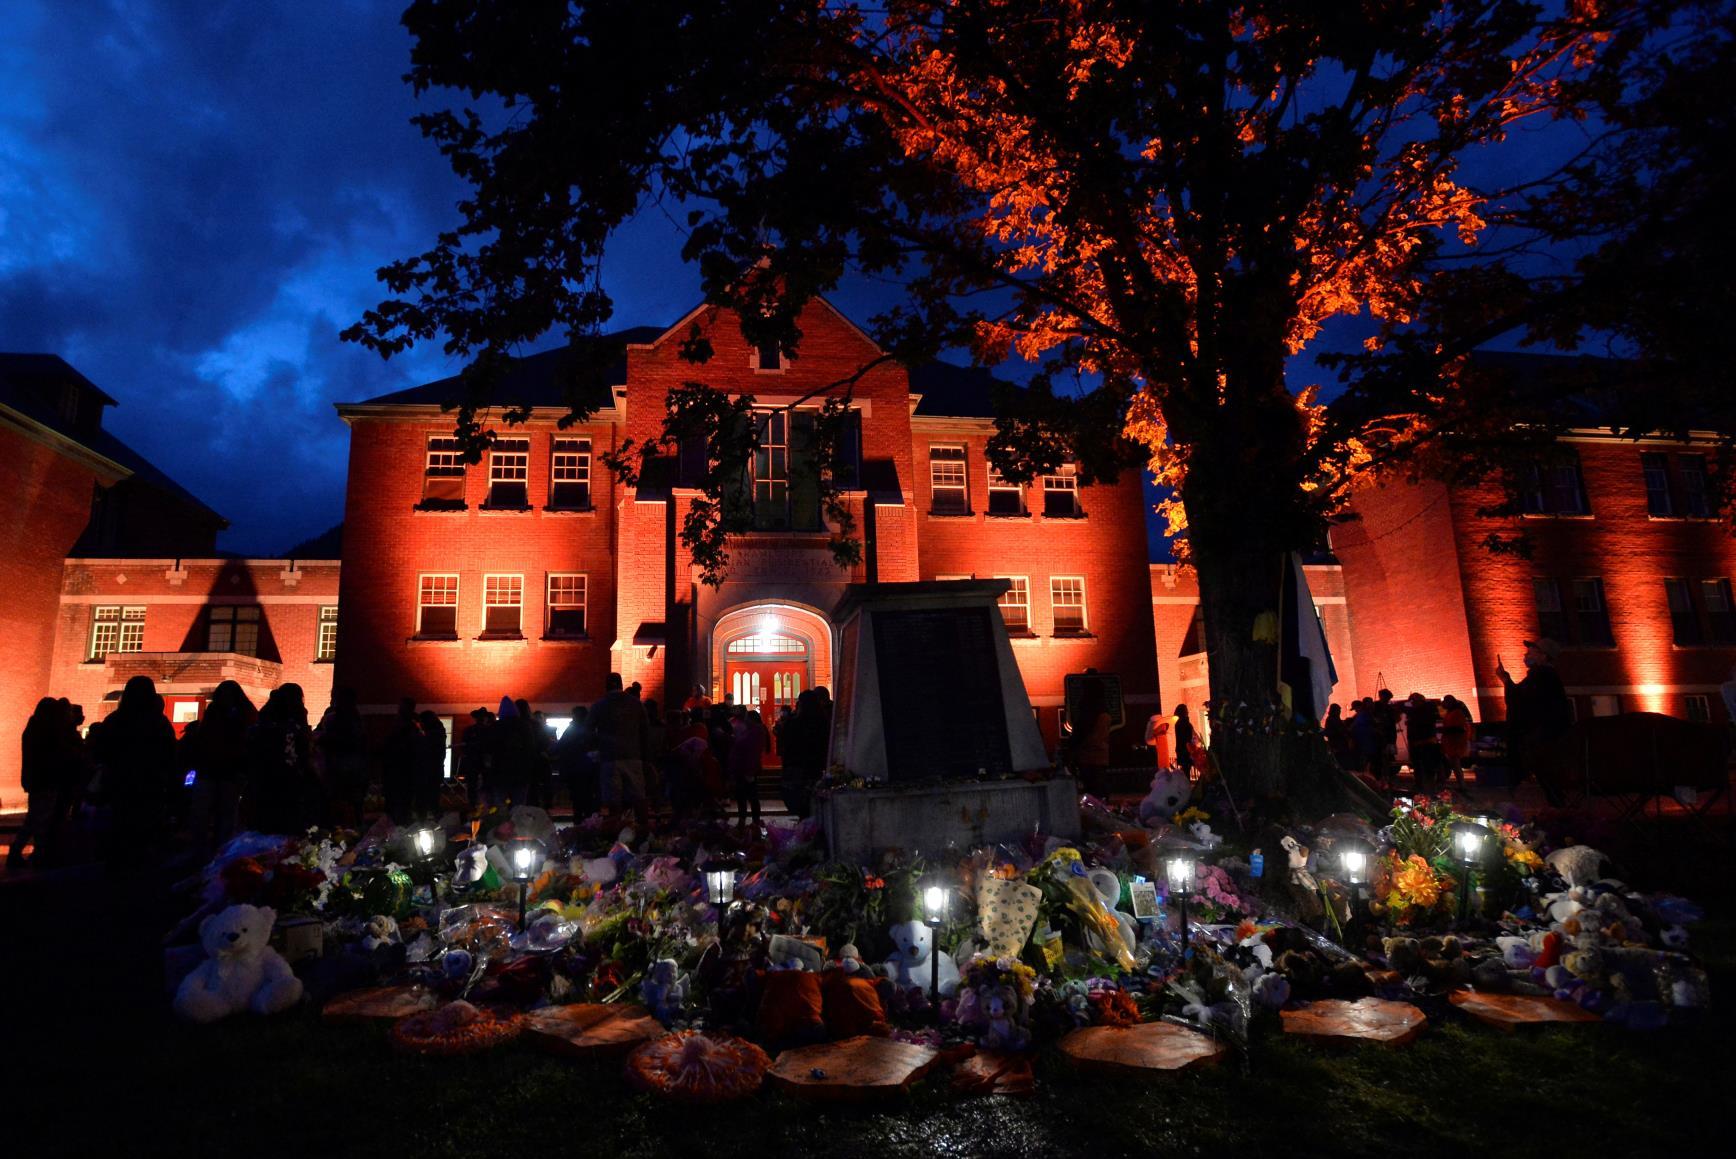 在发现儿童遗体后,加拿大提出解决土著诉讼